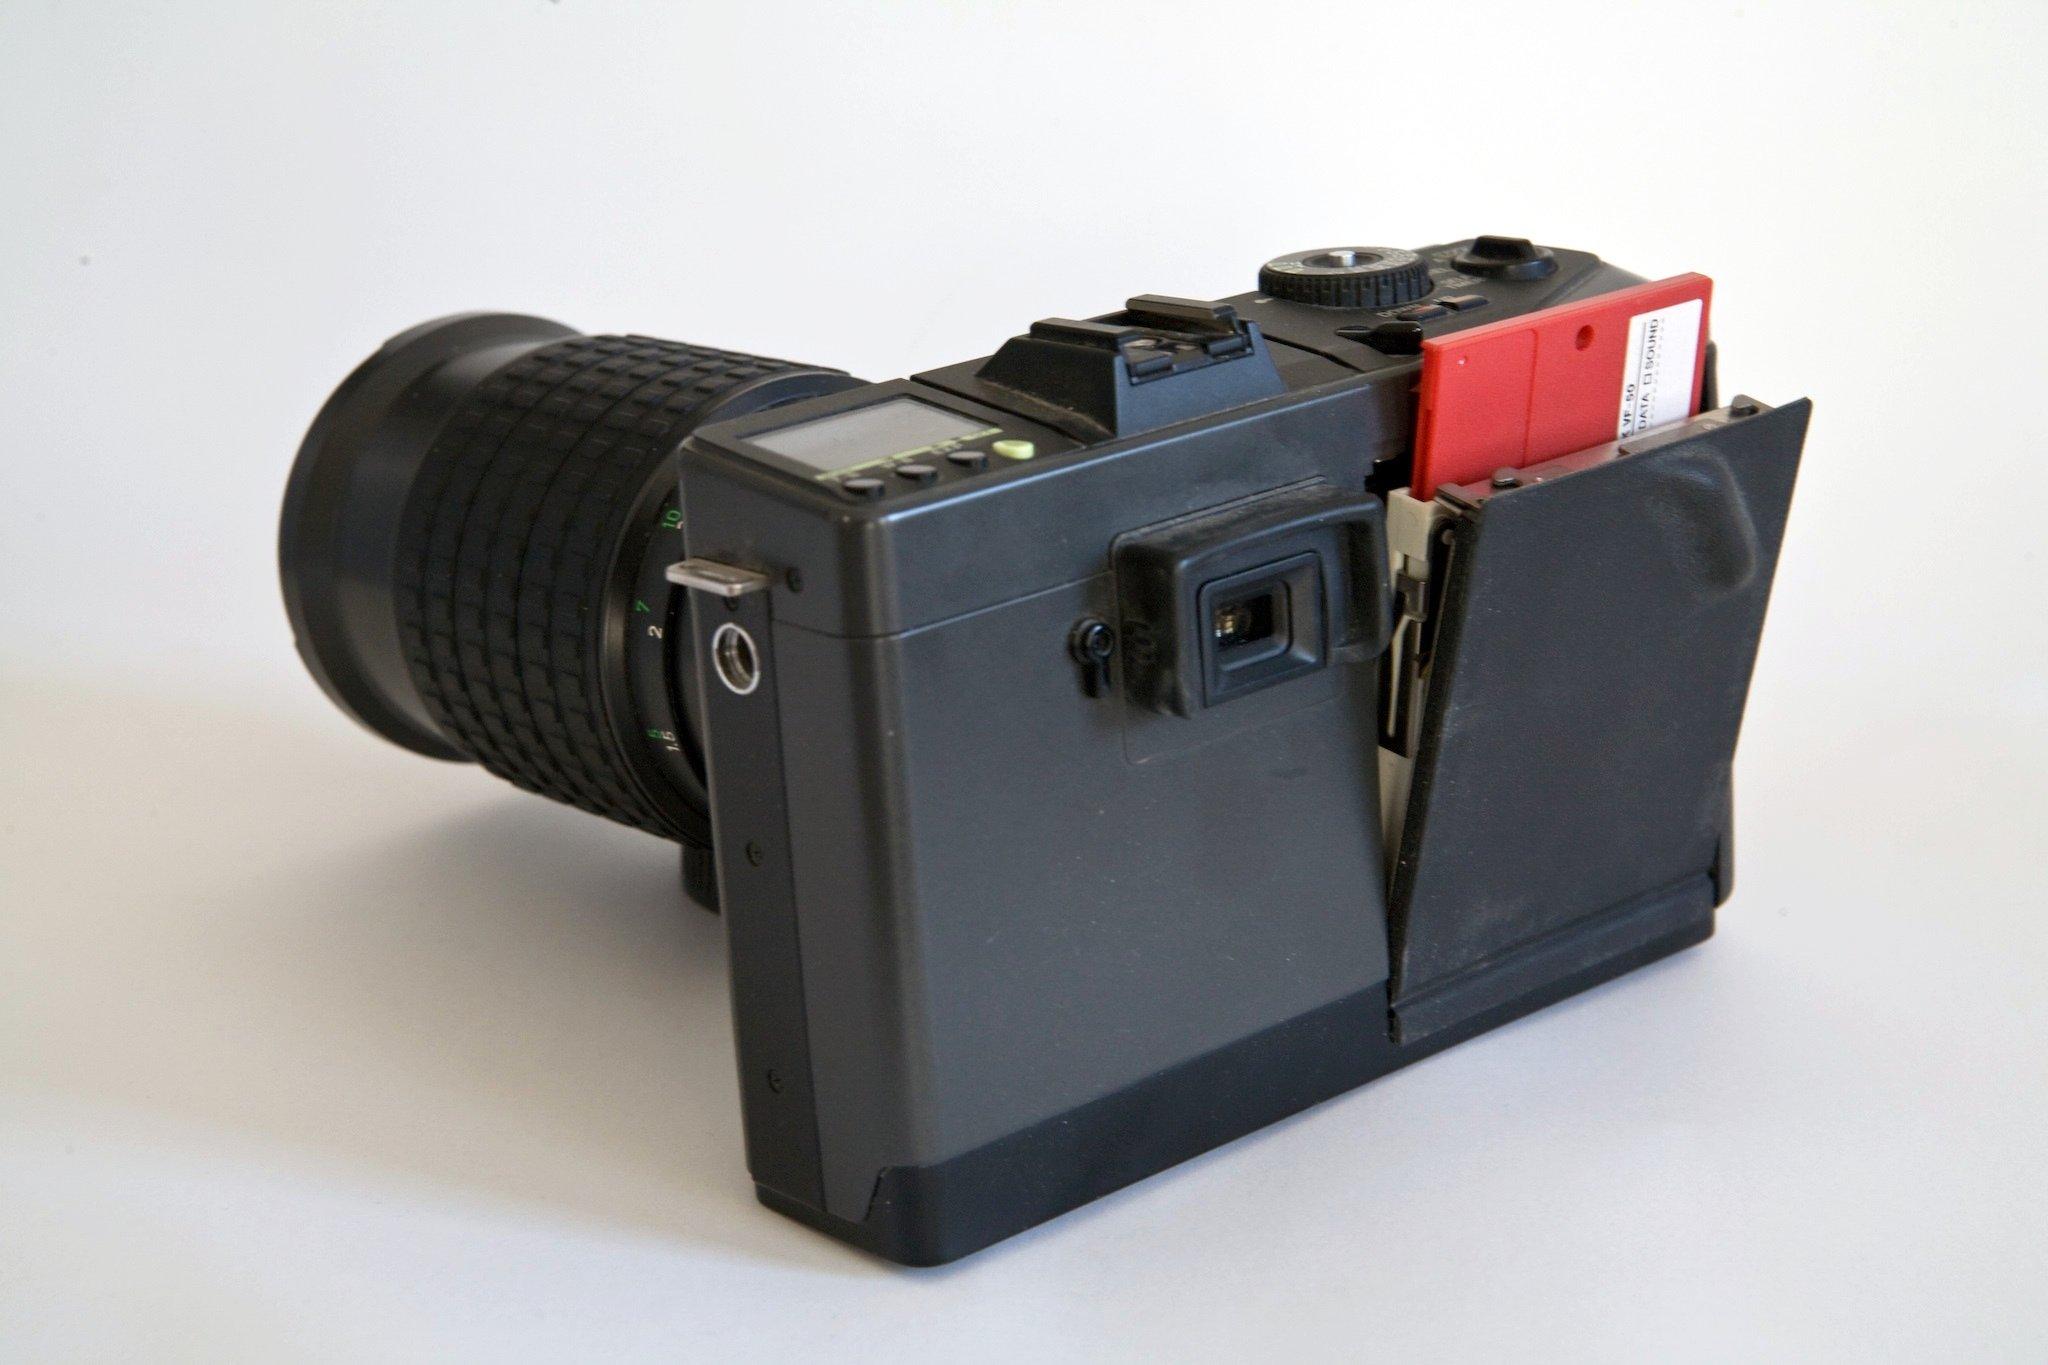 Дейзи уточка с фотоаппаратом решения